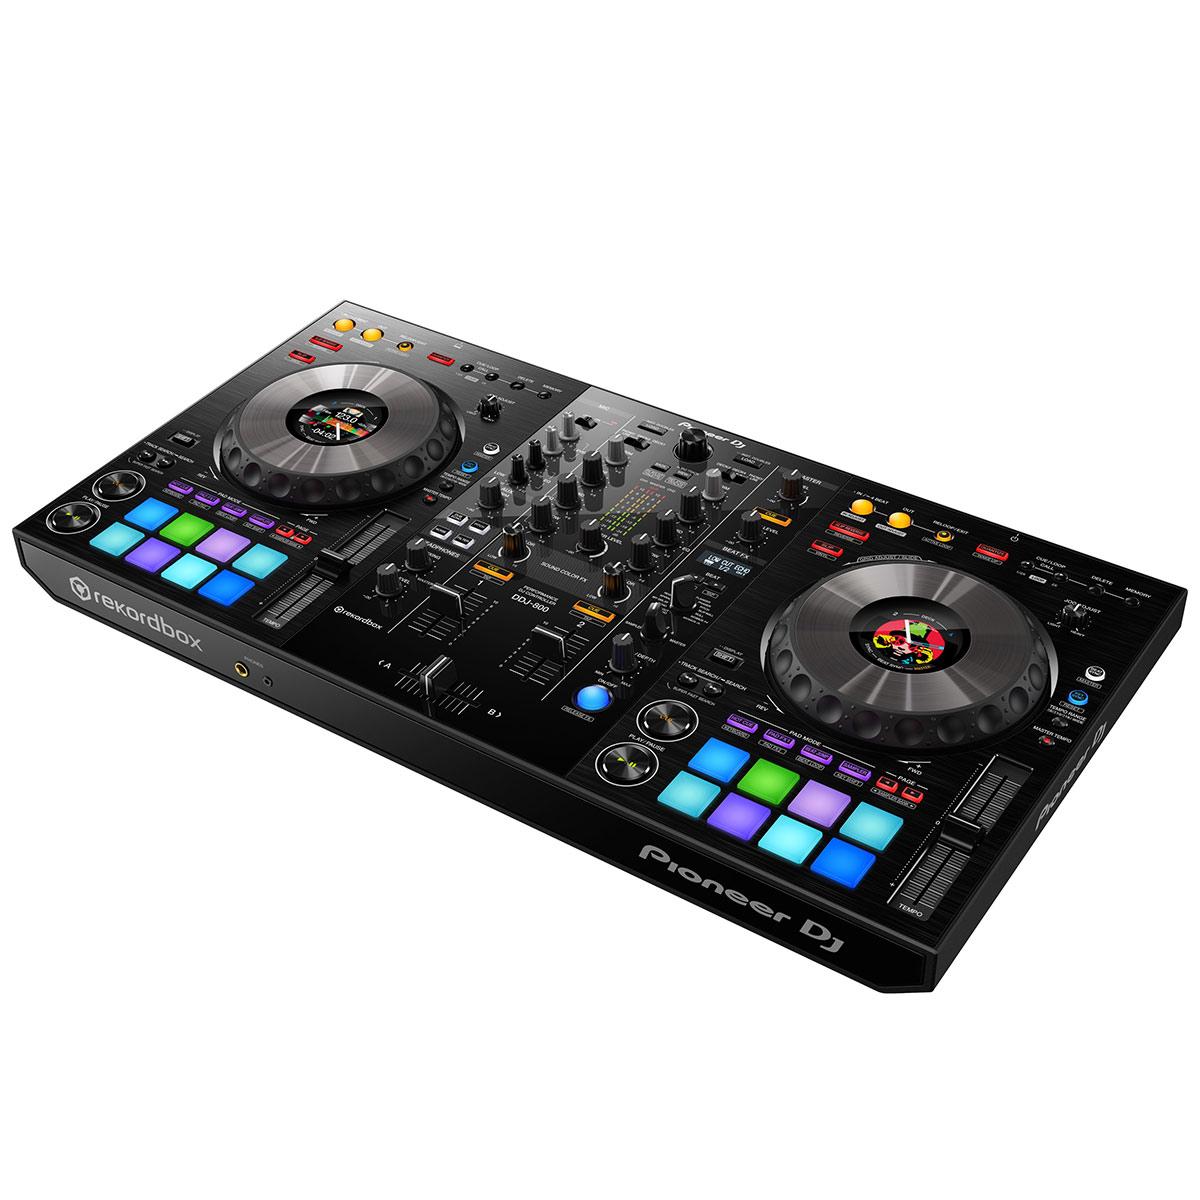 [数量限定 DDJ-800 DJバッグプレゼント!]Pioneer DJ DDJ-800 DJコントローラー DJ【パイオニア [数量限定】, ヨイチチョウ:7549c501 --- karatewkc.ru